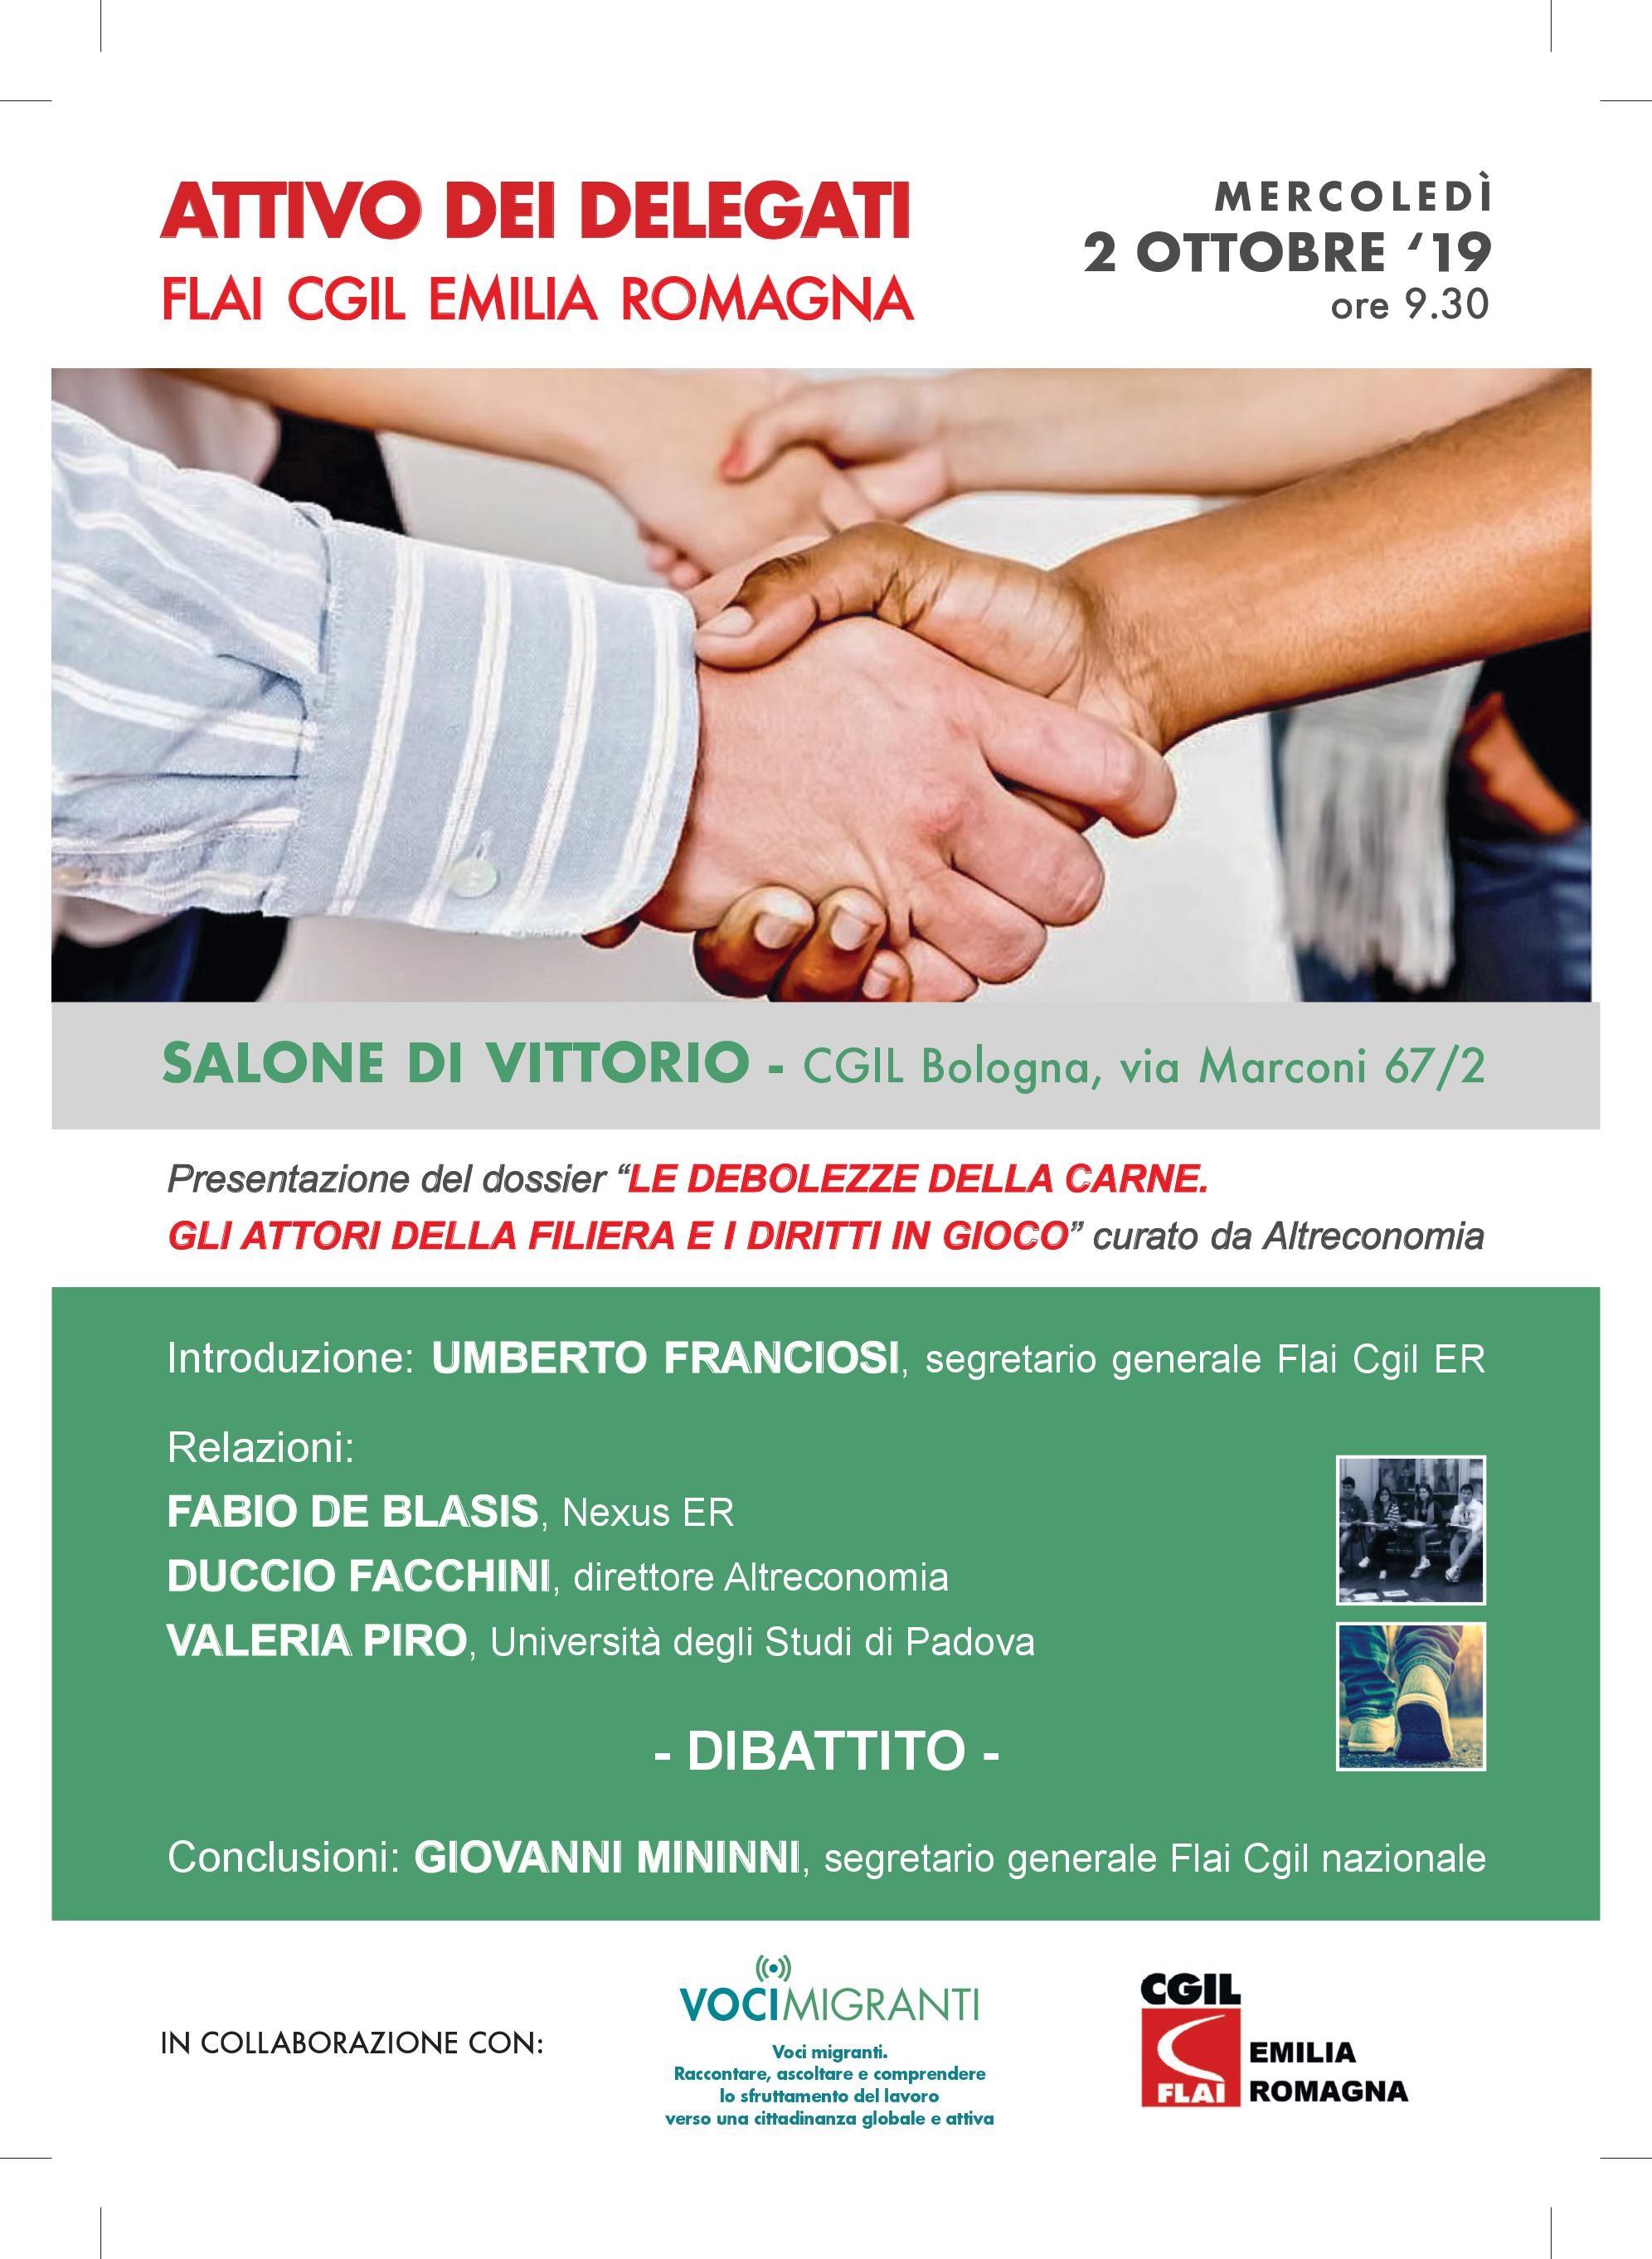 """Flai Cgil ER, presentazione dossier """"Le debolezze della carne. Gli attori della filiera e i diritti in gioco"""", 2/10 Bologna"""